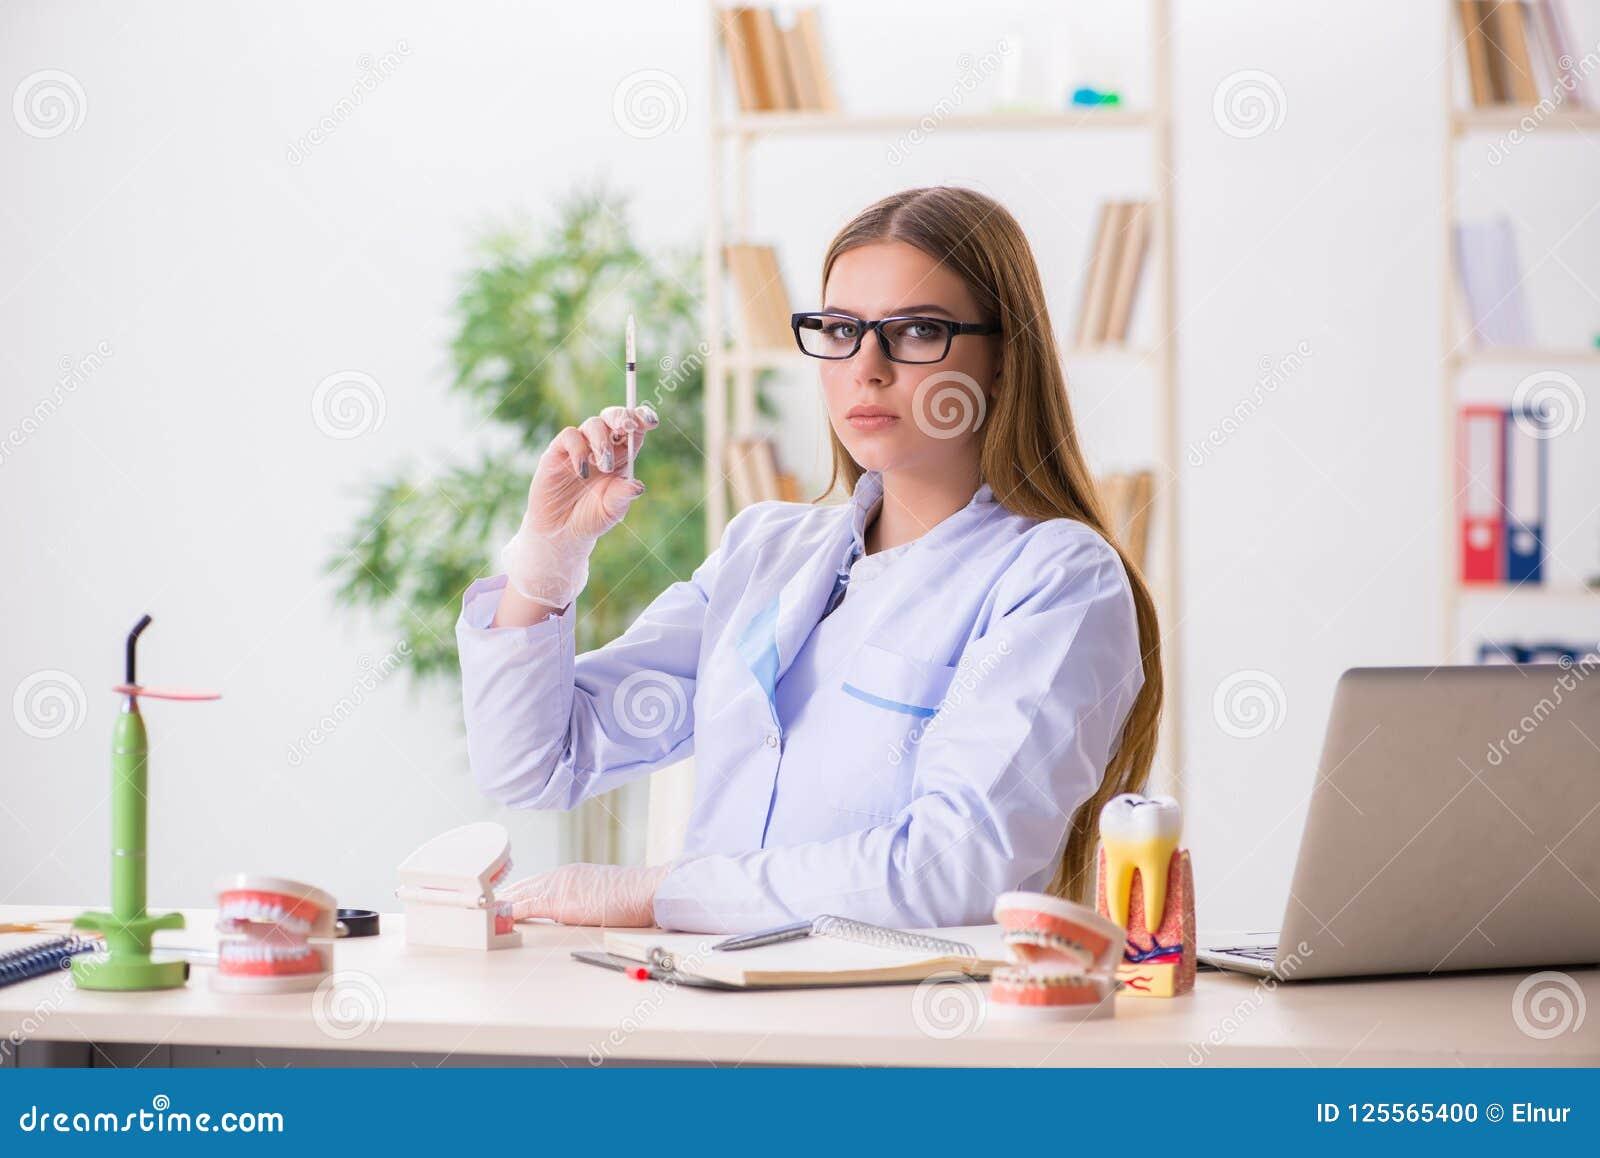 Le abilità di pratica dello studente di odontoiatria in aula